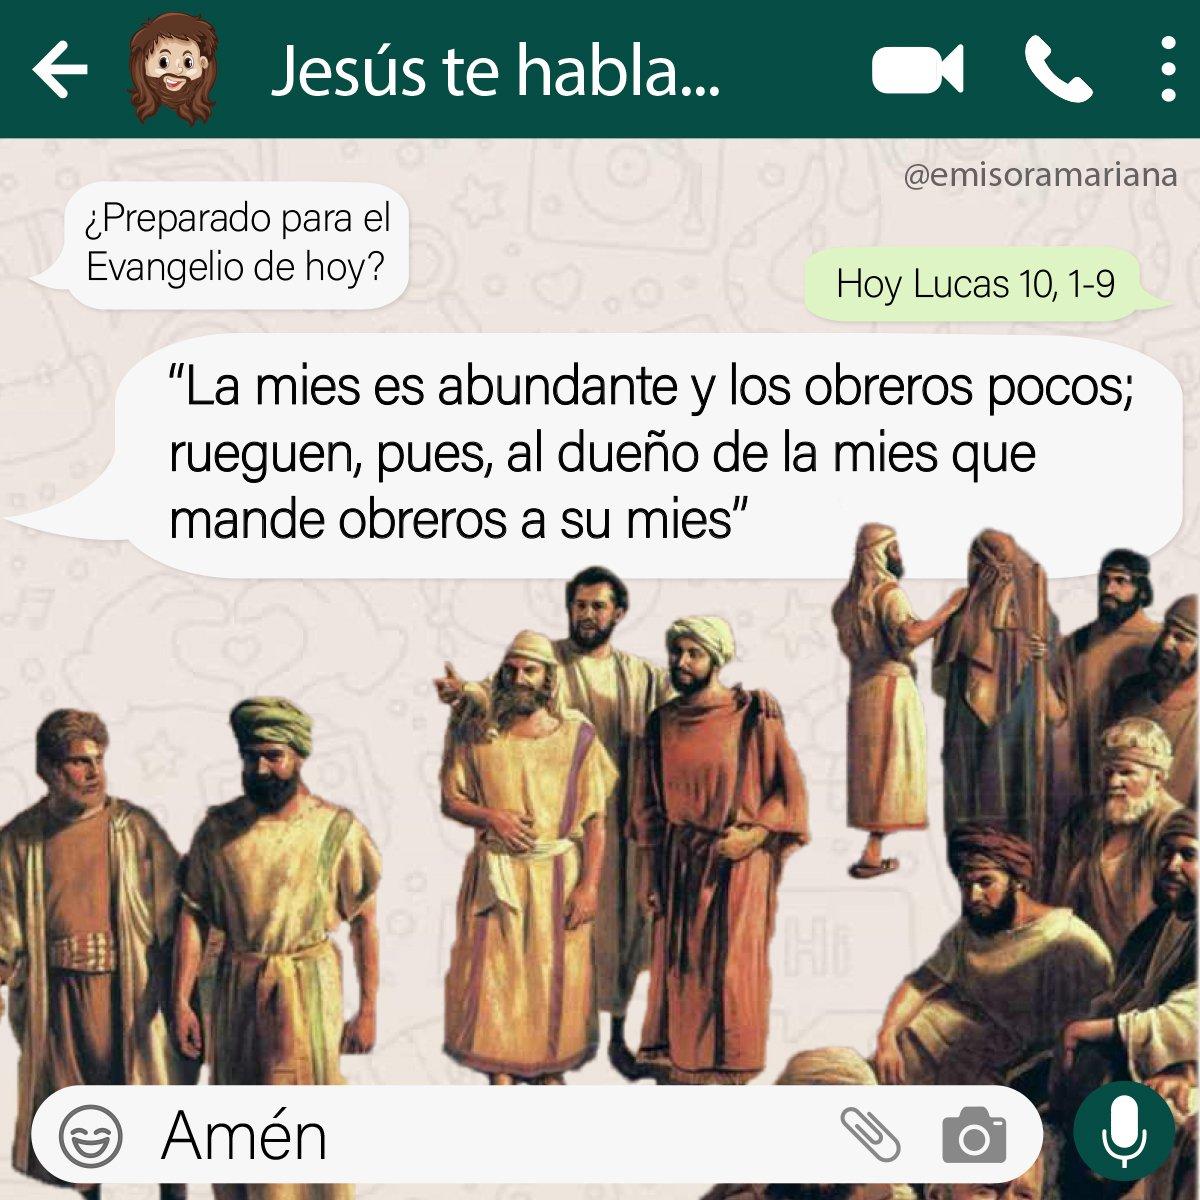 🤗Todos estamos llamados a orar por las vocaciones de la #IglesiaCatolica 😊🙏🏼  #26Ene #Feliz2021 #EvangelioDelDia #FelizMartes #26deEnero #AñoNuevo #FelizMartesATodos 😎